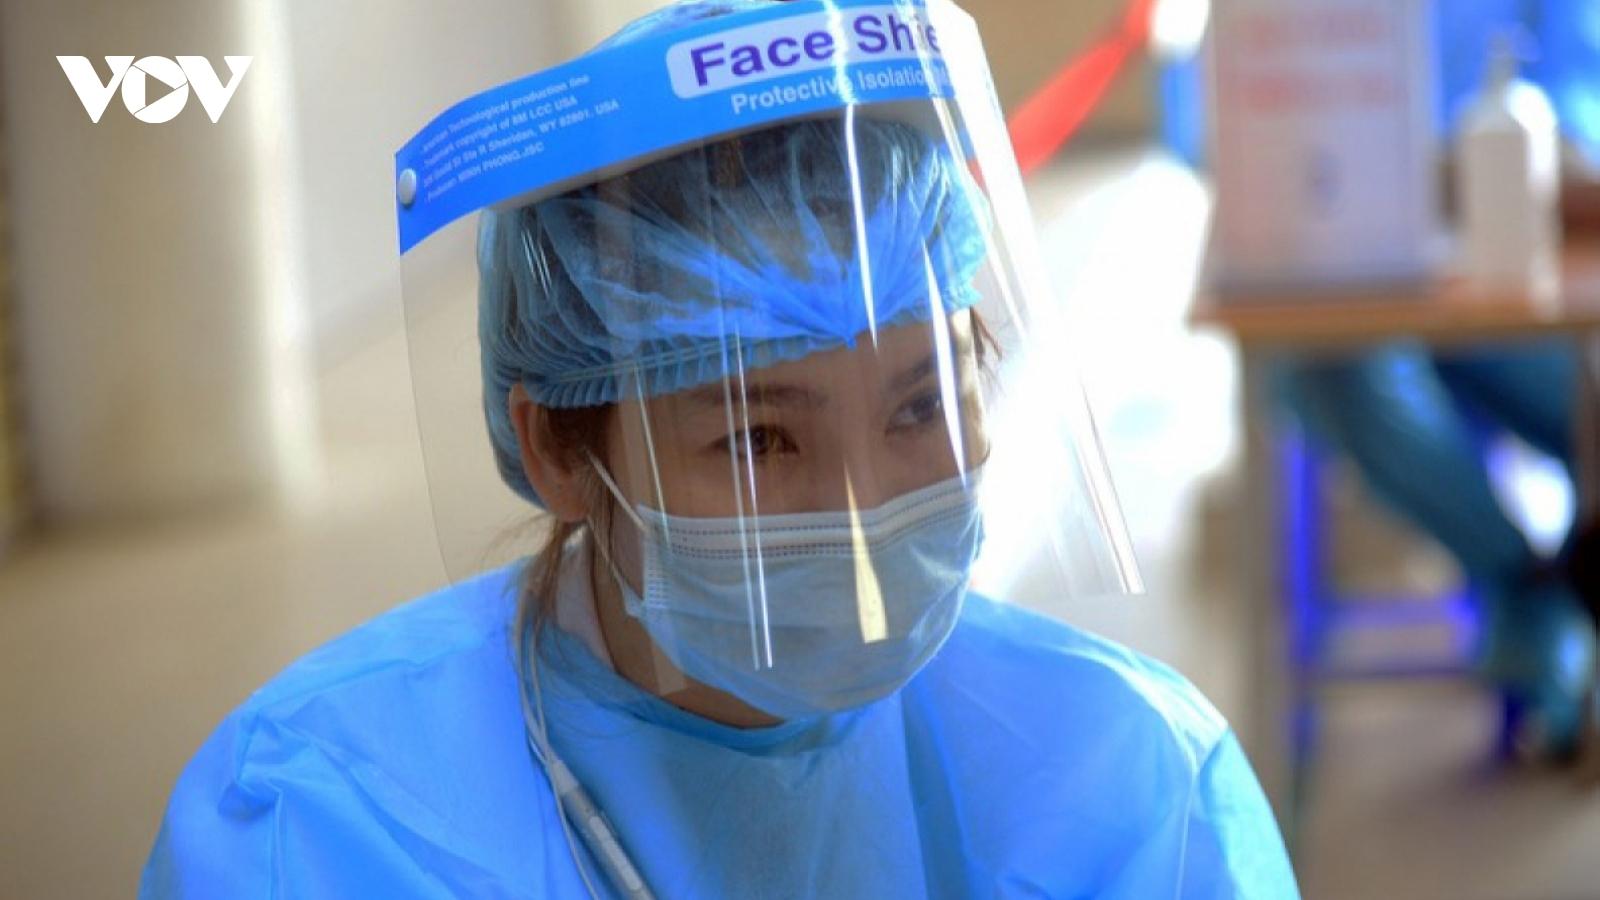 Chiều 14/4, Việt Nam có thêm 16 ca mắc COVID-19 là người nhập cảnh